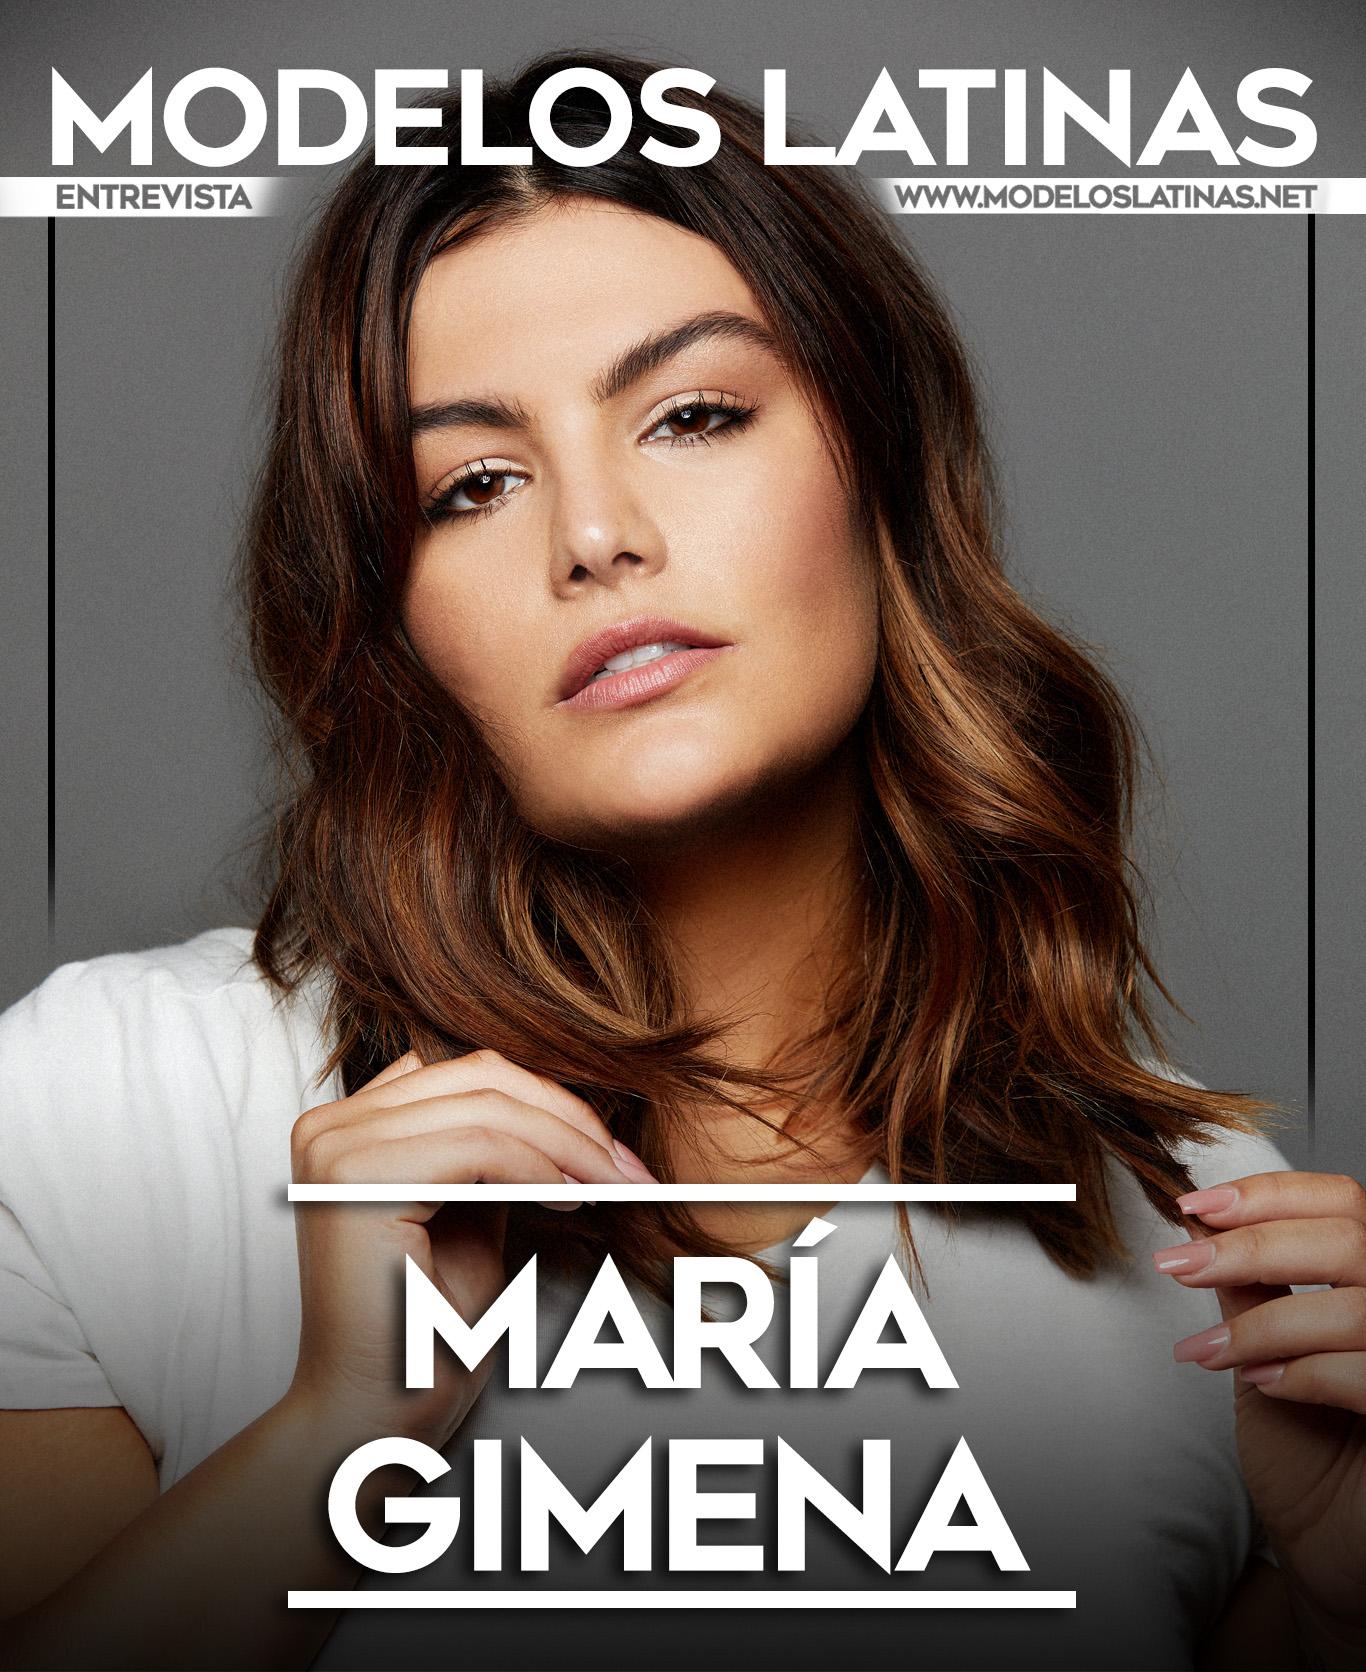 MARIA GIMENA